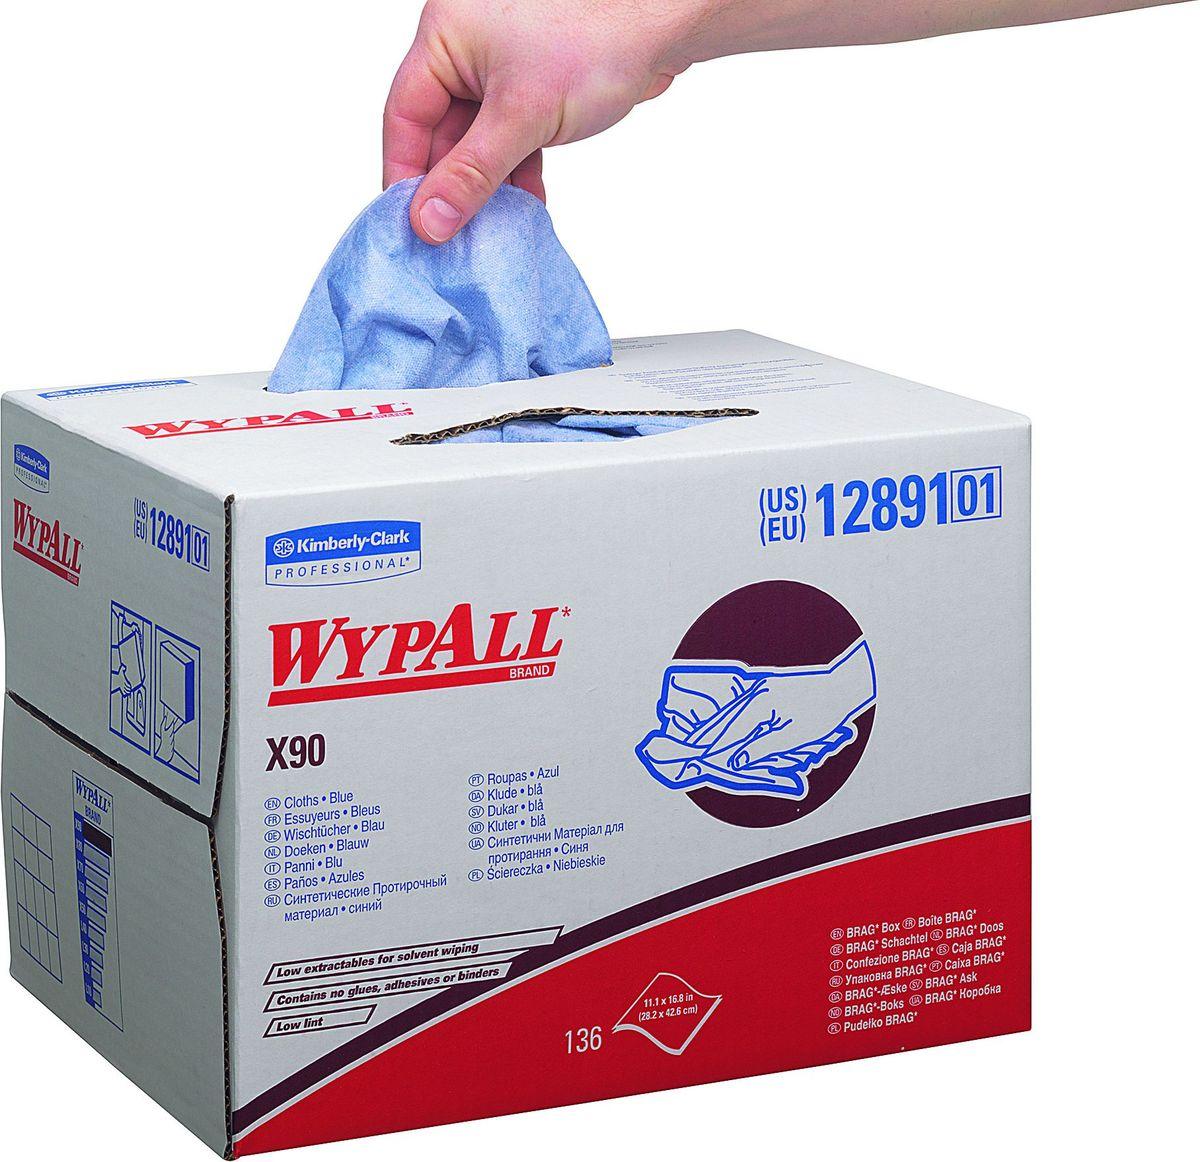 Салфетки бумажные Wypall Х90, 152 шт. 1289112891Бумажные салфетки Wypall Х90, изготовленные из целлюлозы и синтетики, обладают отличной впитывающей способностью, долговечностью и прочностью, как в сухом, так и во влажном состоянии. Салфетки могут использоваться с большинством растворителей, обеспечивают быструю очистку и помогают сократить расходы. Подходят для работы по очистке от клея, масла, мусора, стекол, а также для прецизионной очистки сложных механизмов и деталей. Салфетки Wypall Х90 могут использоваться с переносными или стационарными диспенсерами для контроля расхода продукта и уменьшения объема отходов.